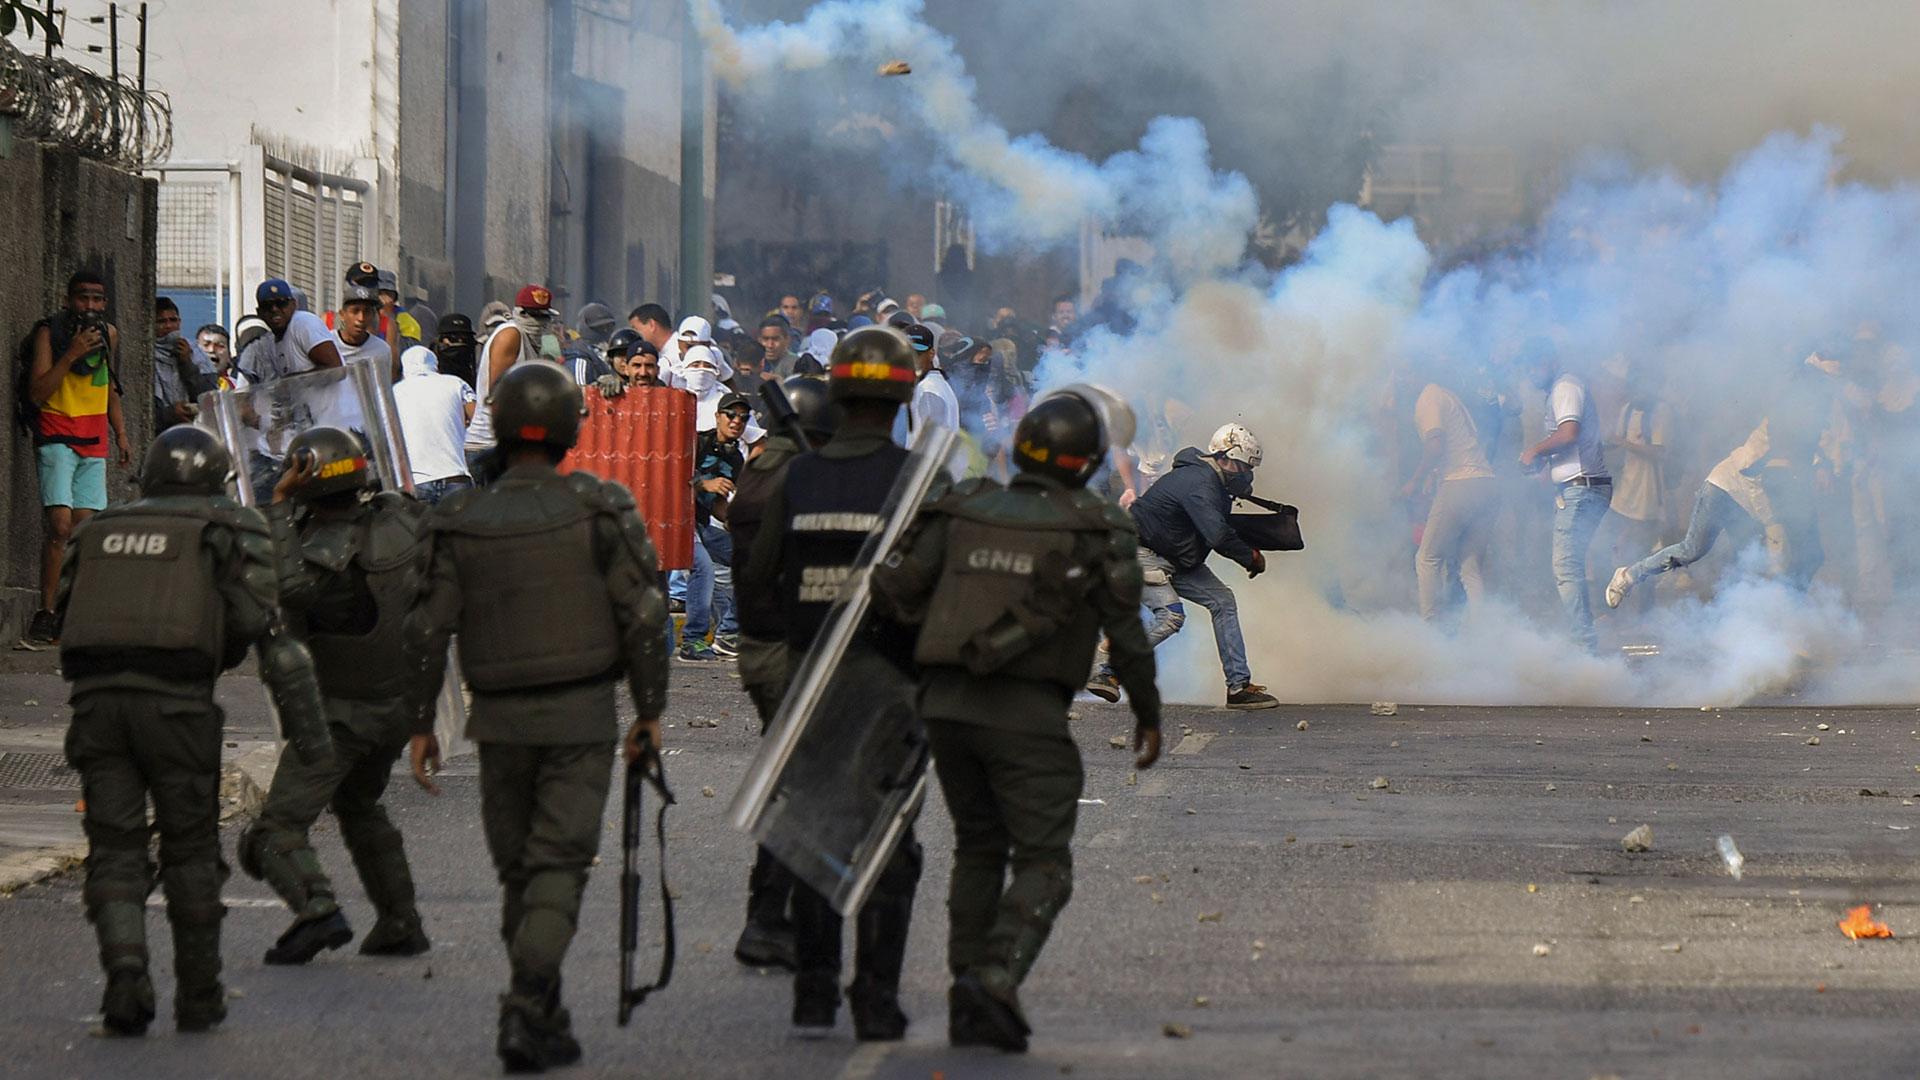 Aseguran que agentes cubanos están infiltrados en la GNB y la inteligencia venezolana (AFP)